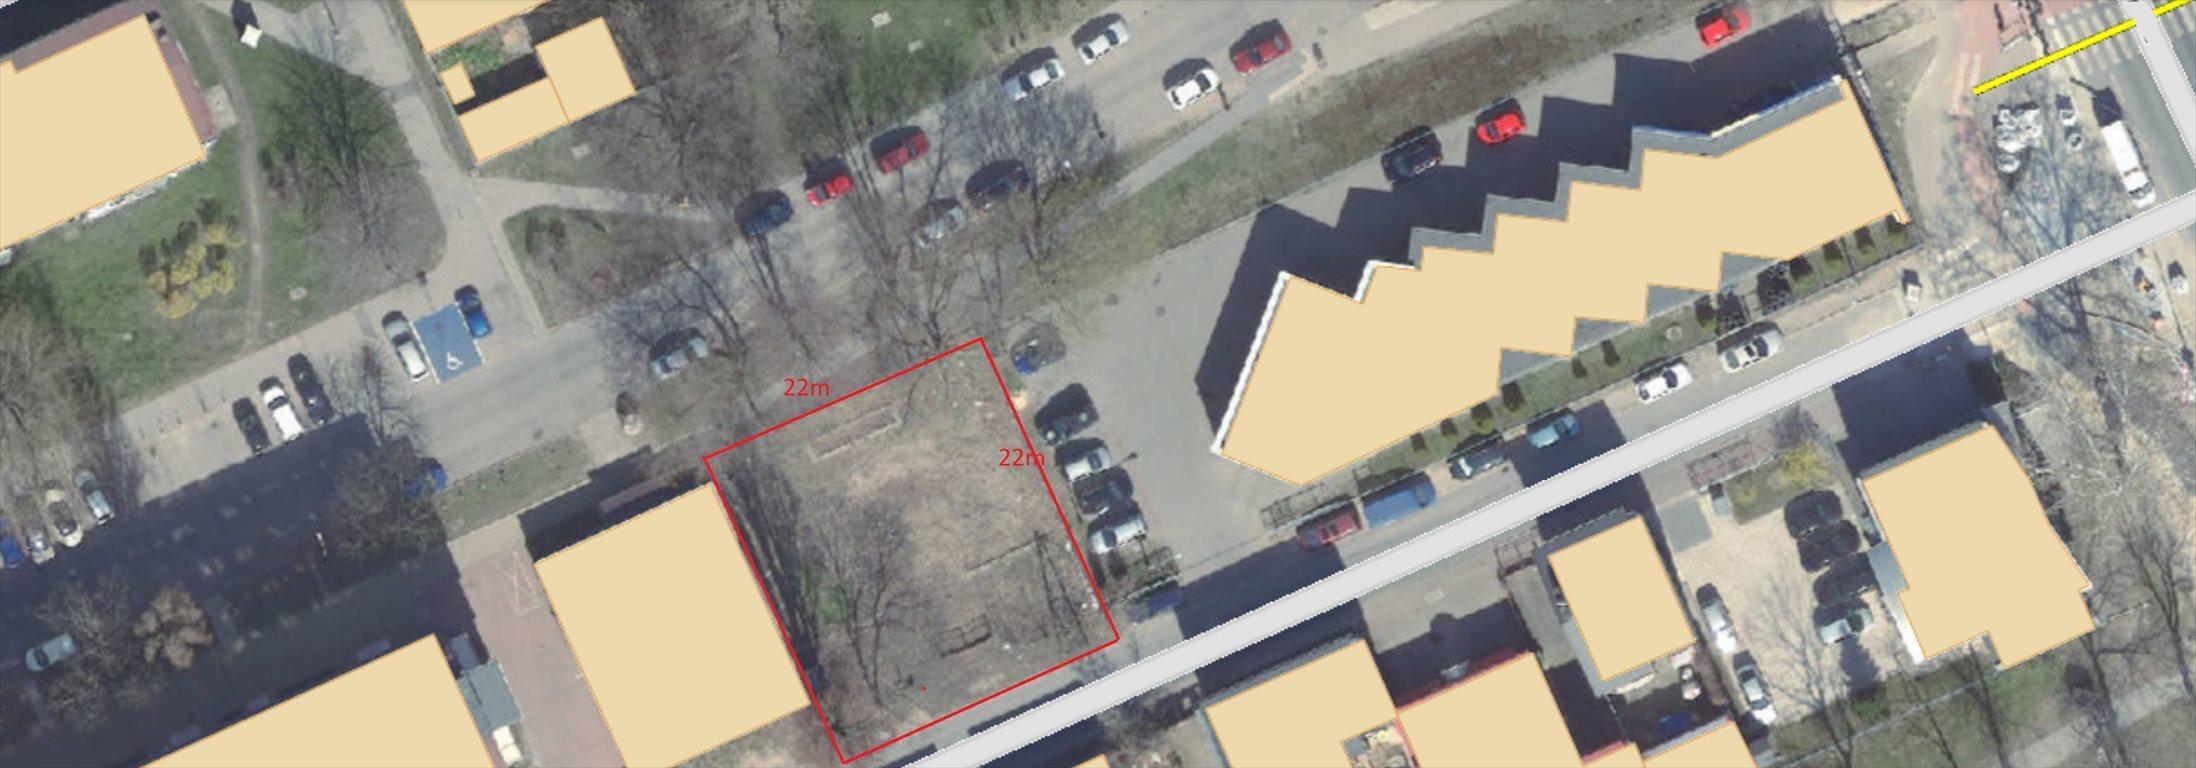 Działka inwestycyjna na sprzedaż Łódź, bałuty  484m2 Foto 3